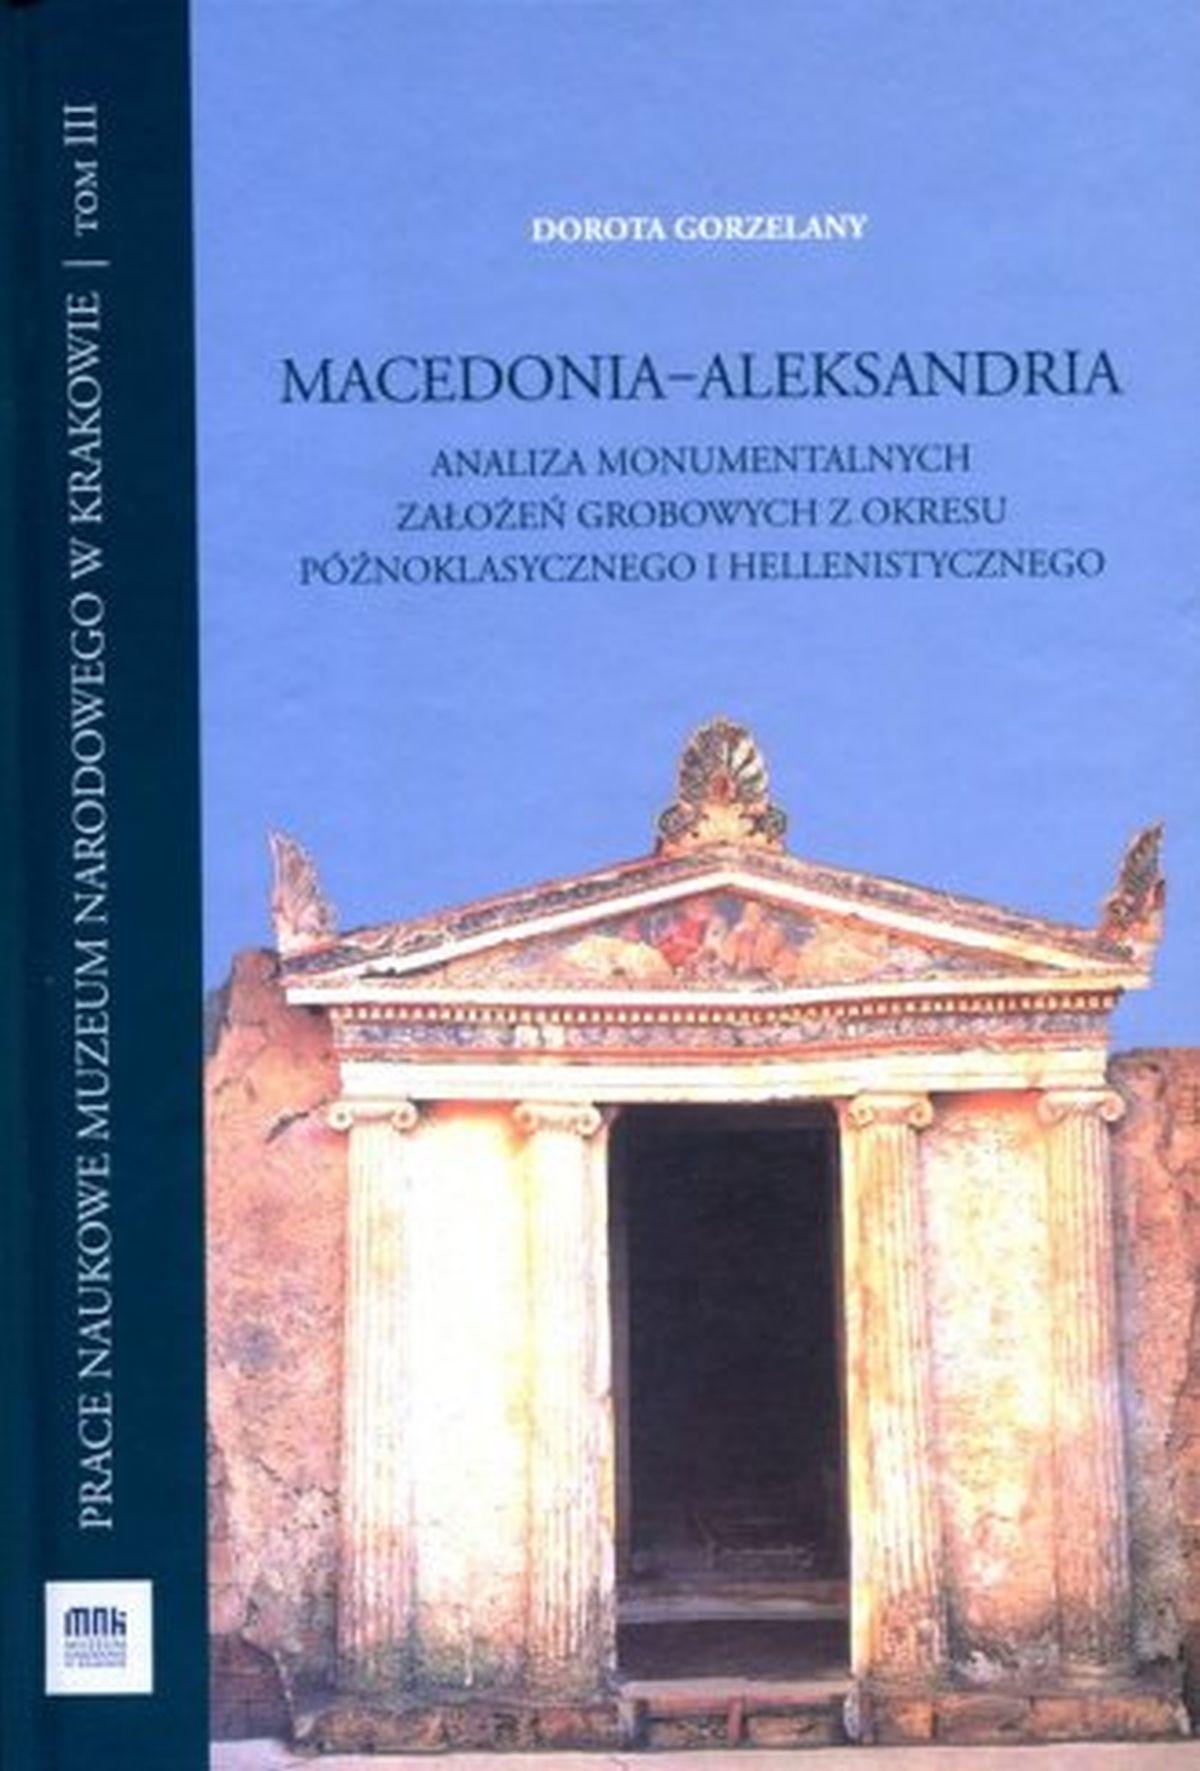 Macedonia Aleksandria. Analiza monumentalnych założeń grobowych z okresu późnoklasycznego i hellenistycznego